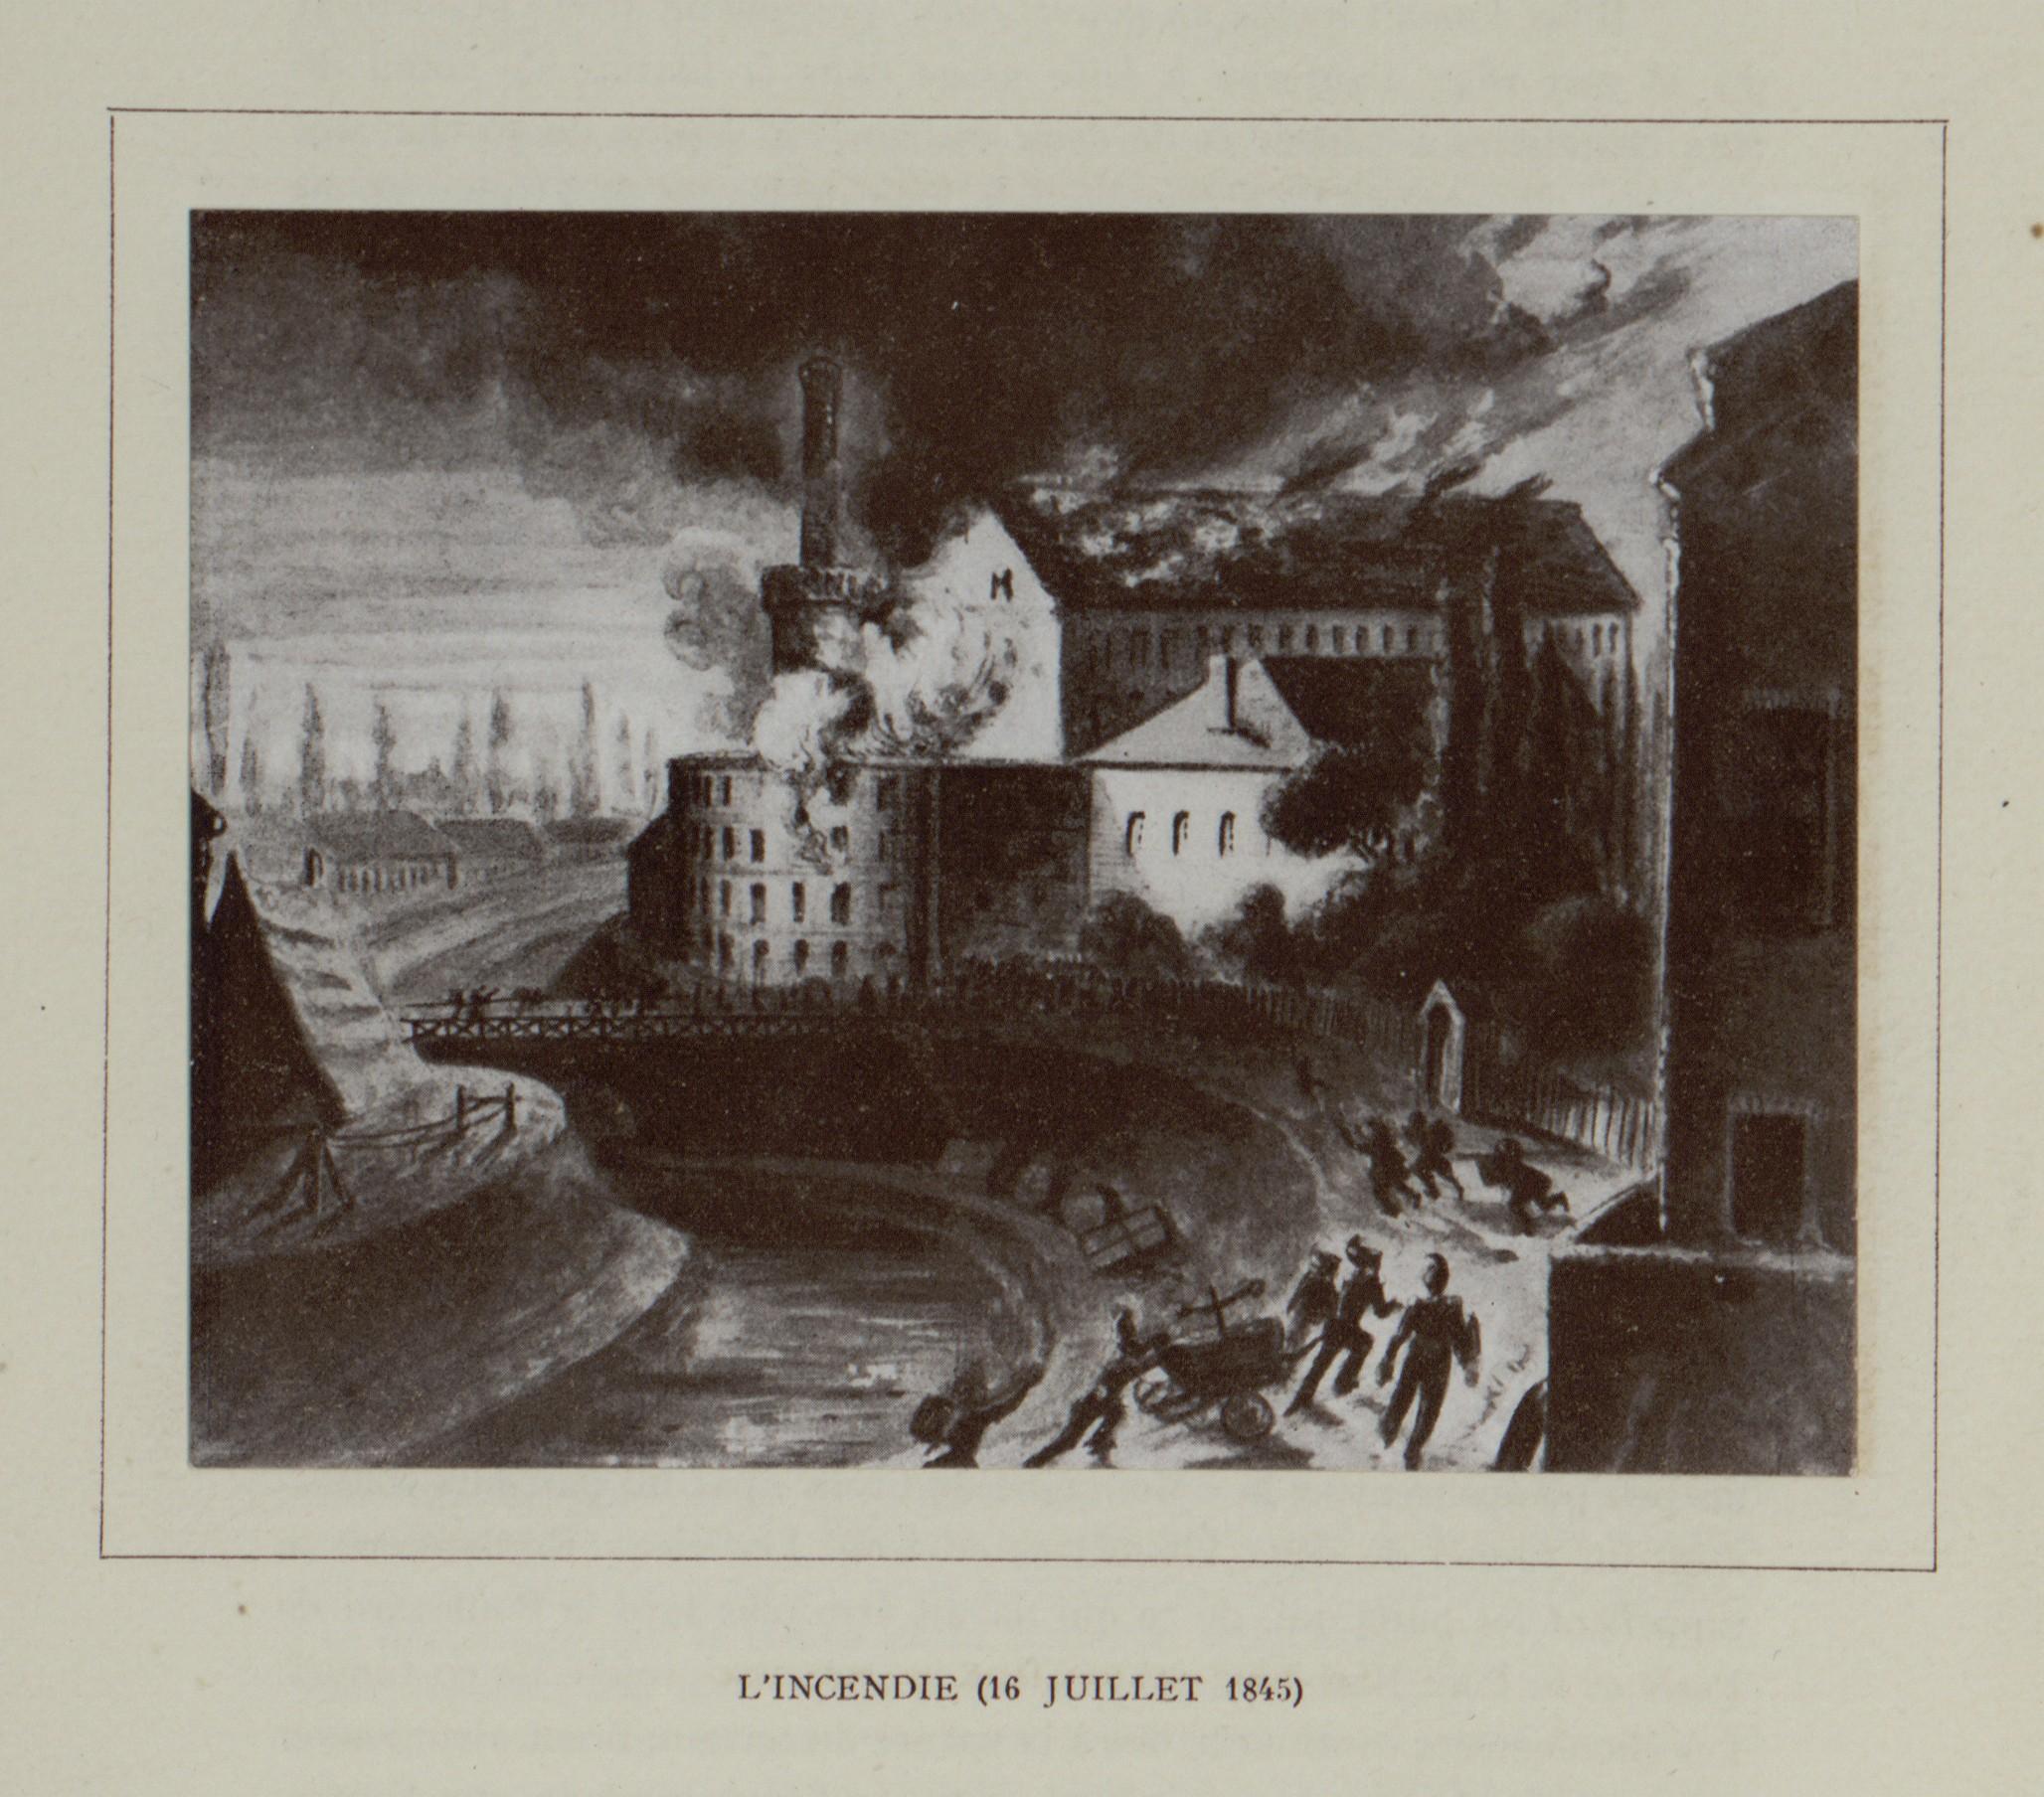 Gravure de l'incendie de 1845.